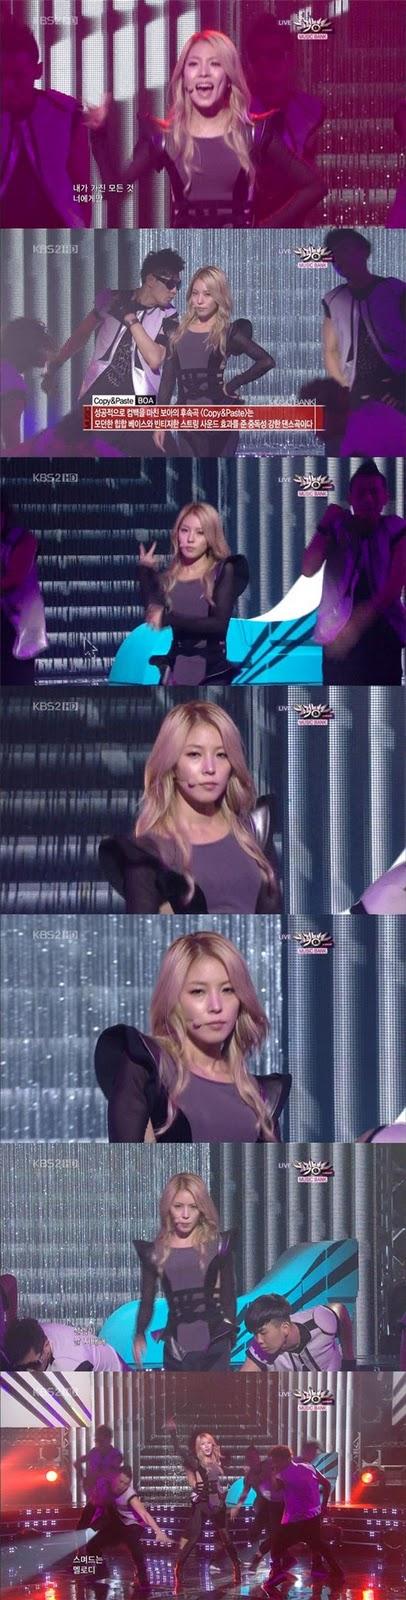 [Pics] BoA en Music Core {COPY & PASTE} Live E43b5bb56c41c08836d3ca97